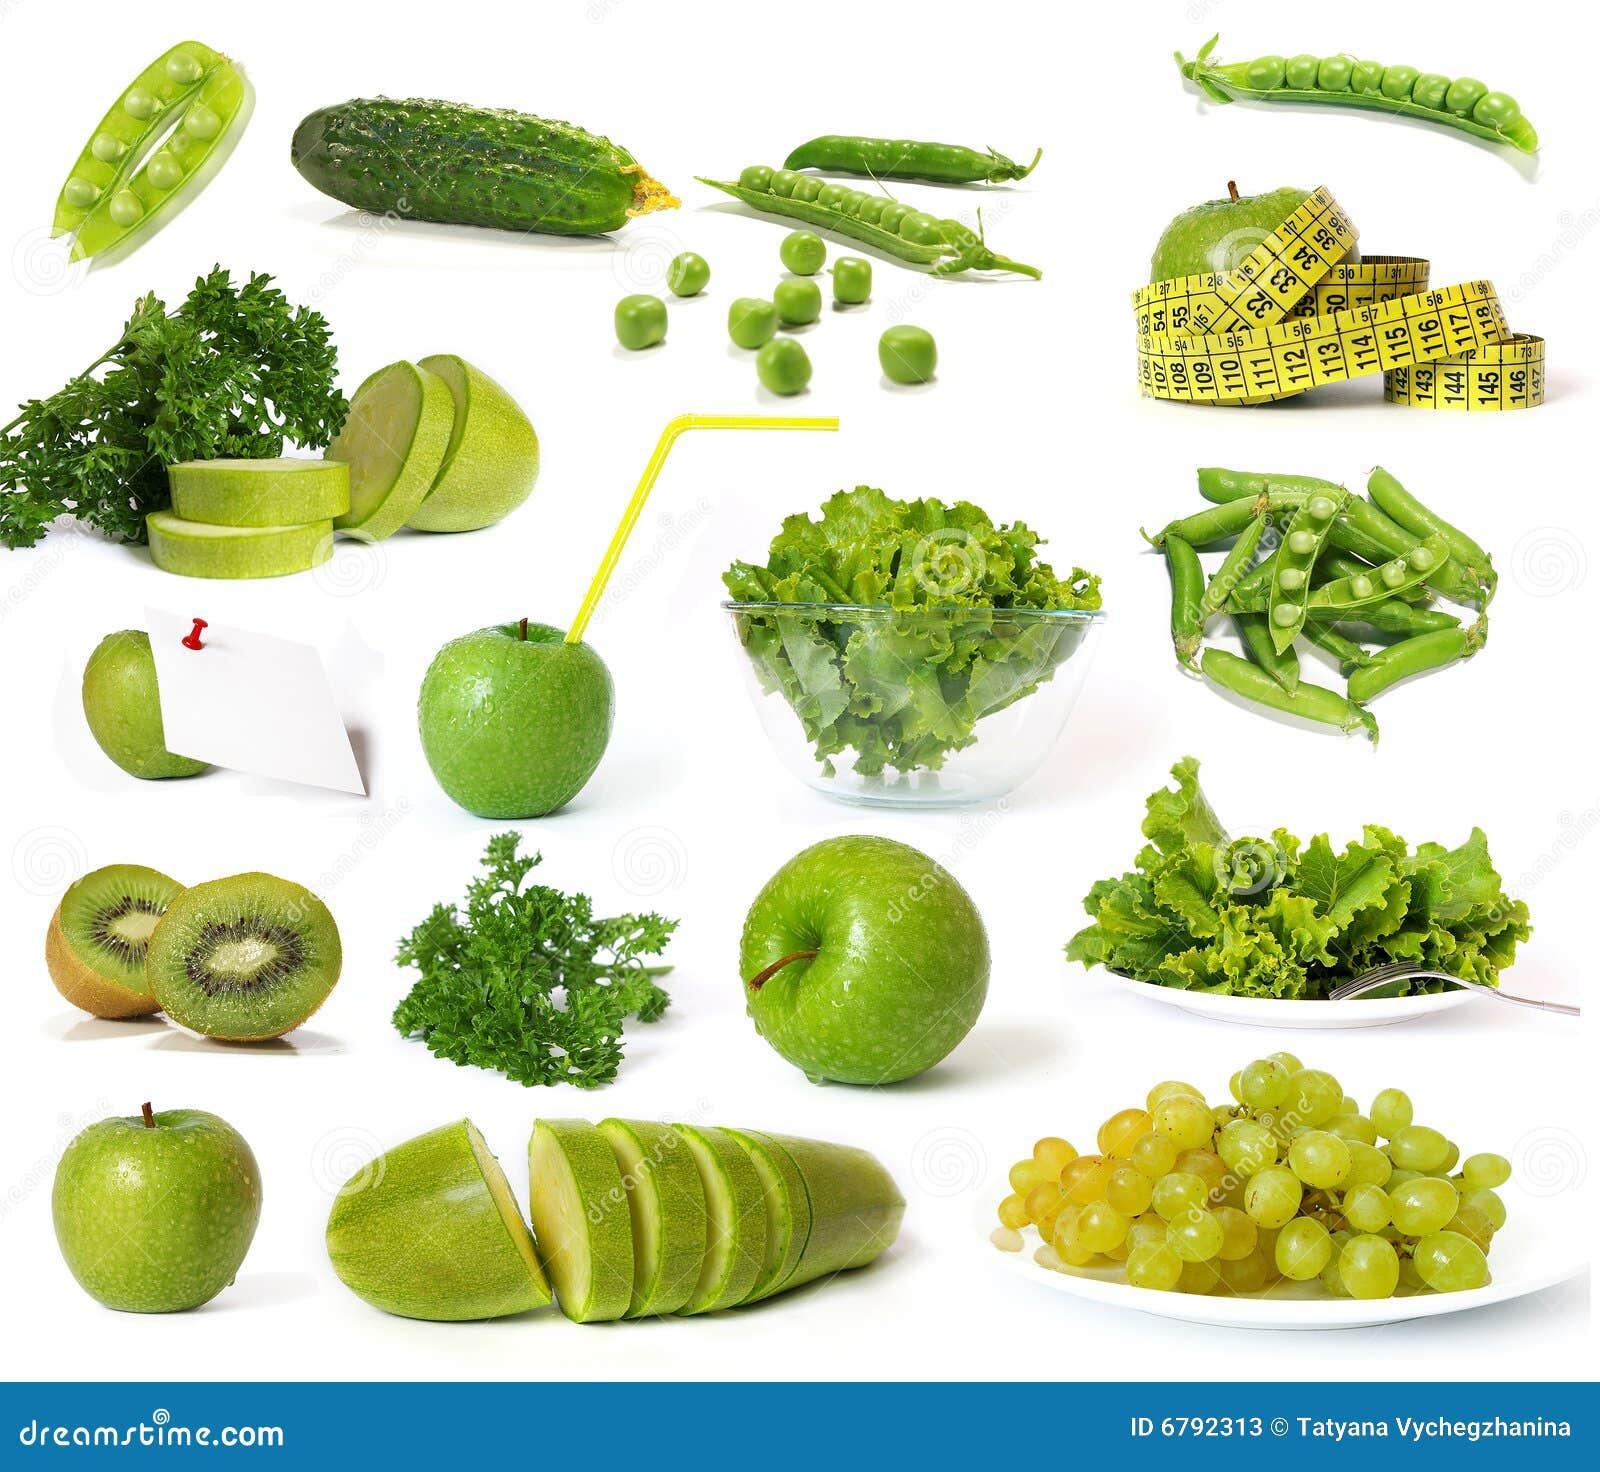 le ramassage porte des fruits les l gumes verts image stock image du laitue l gume 6792313. Black Bedroom Furniture Sets. Home Design Ideas